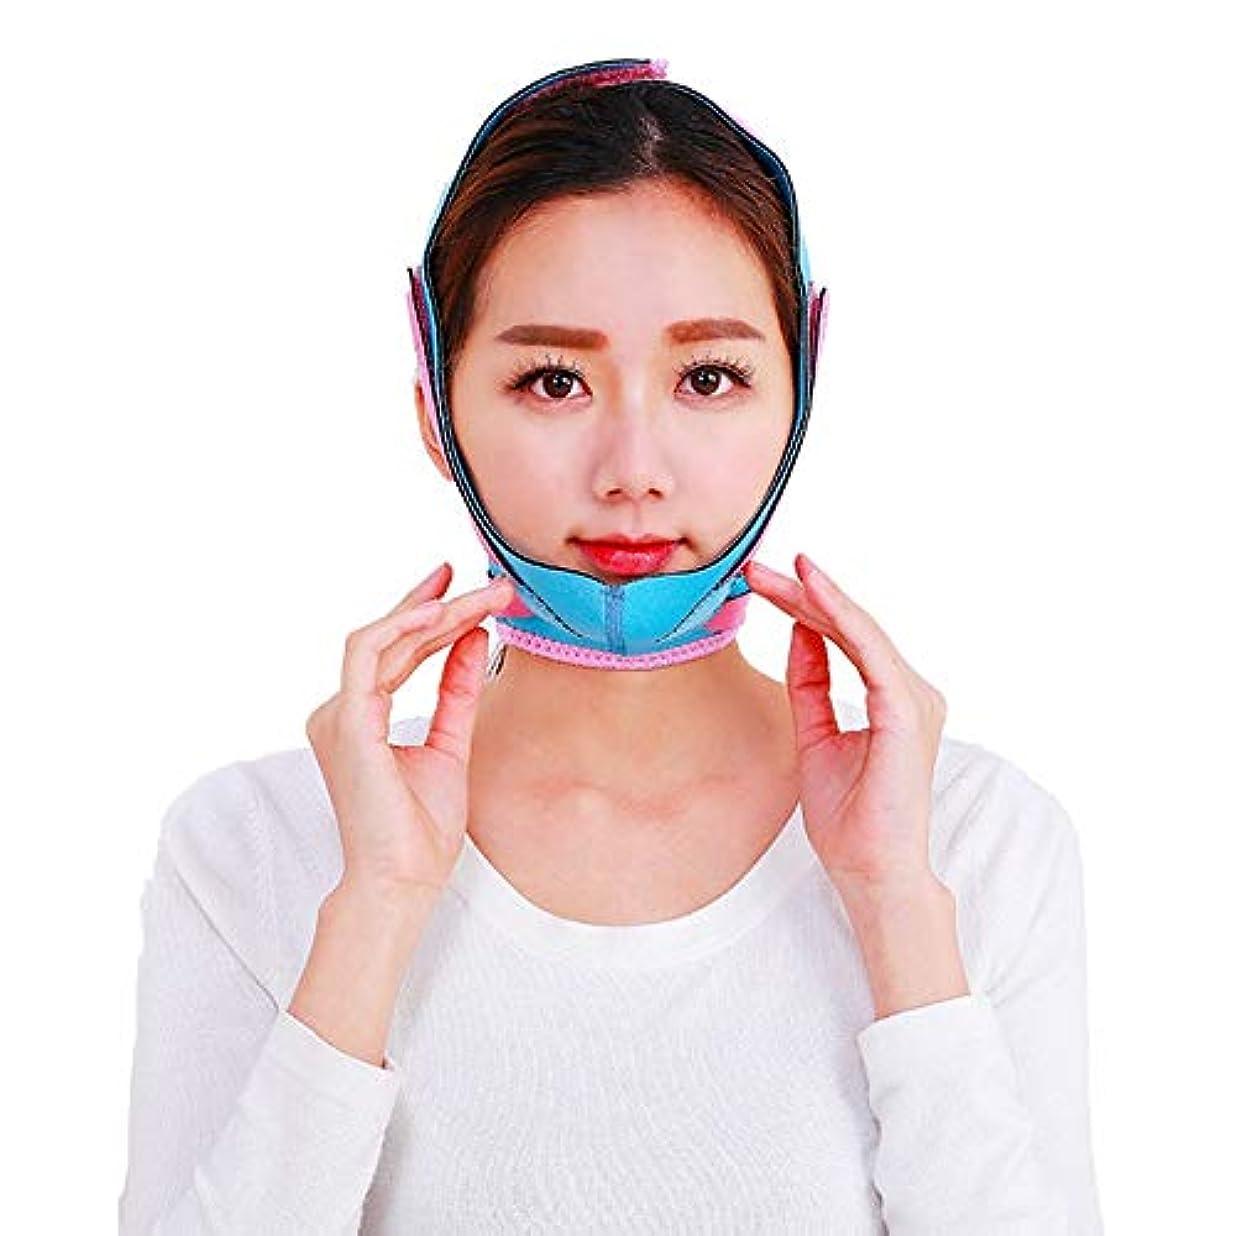 GYZ フェイシャルリフティング痩身ベルトシンフェイス包帯アンチエイジングシワフリーフェイシャルマッサージ整形マスクダブルチンワークアウト Thin Face Belt